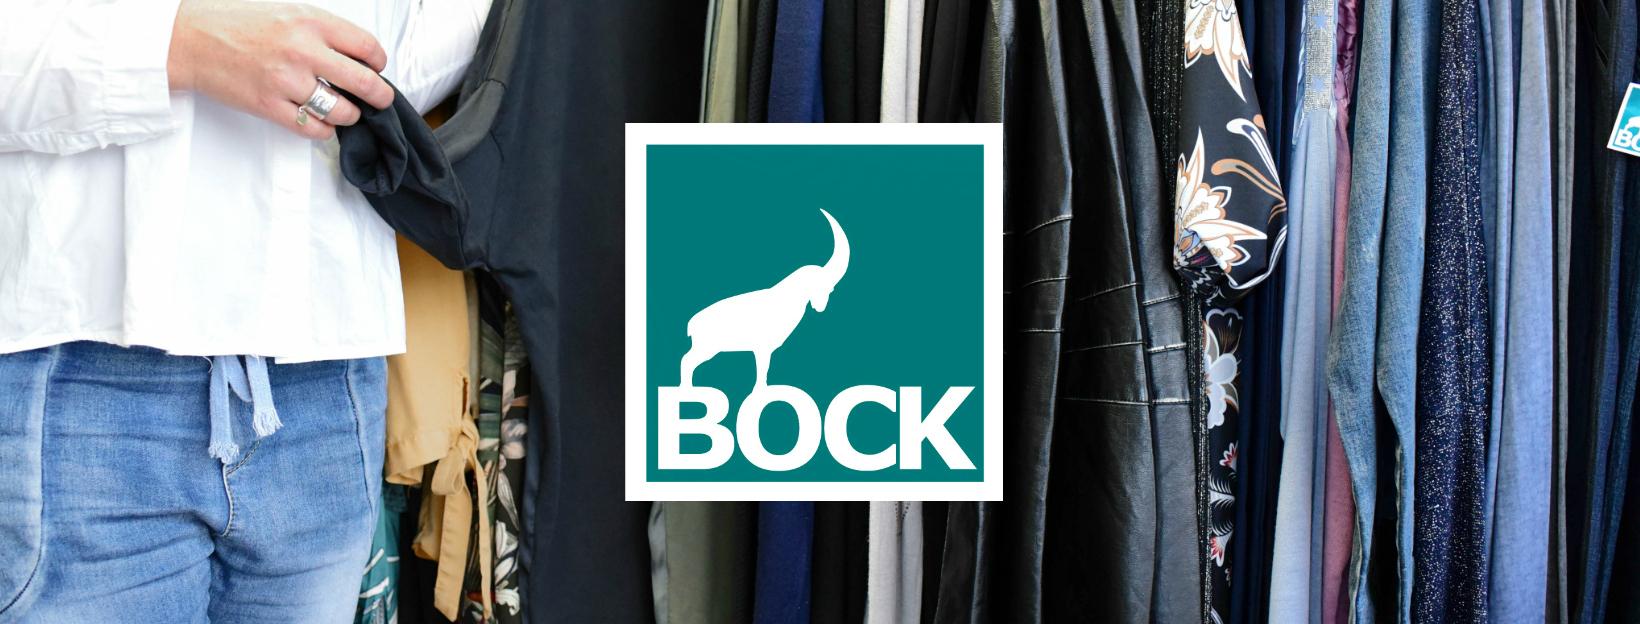 Bock FB Cover Update.jpg